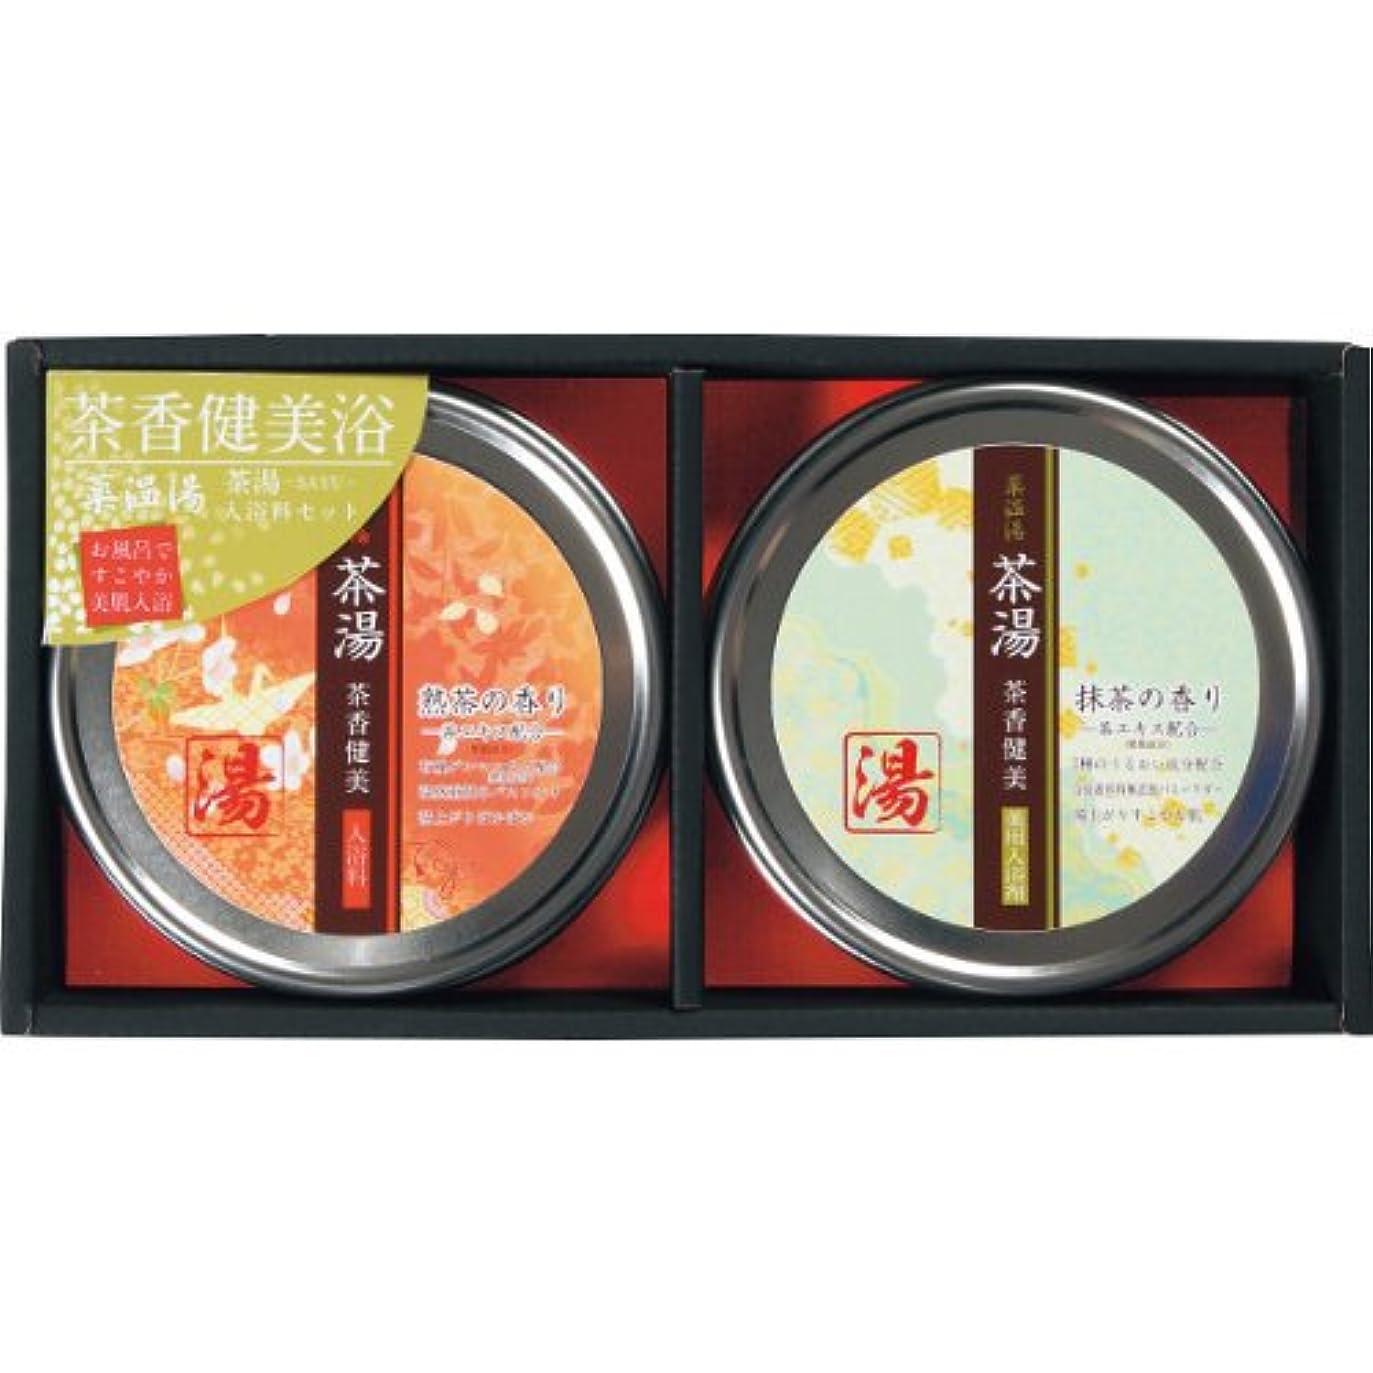 革新凶暴なプライム敬老の日 贈り物 薬温湯 茶湯ギフトセット(SD)